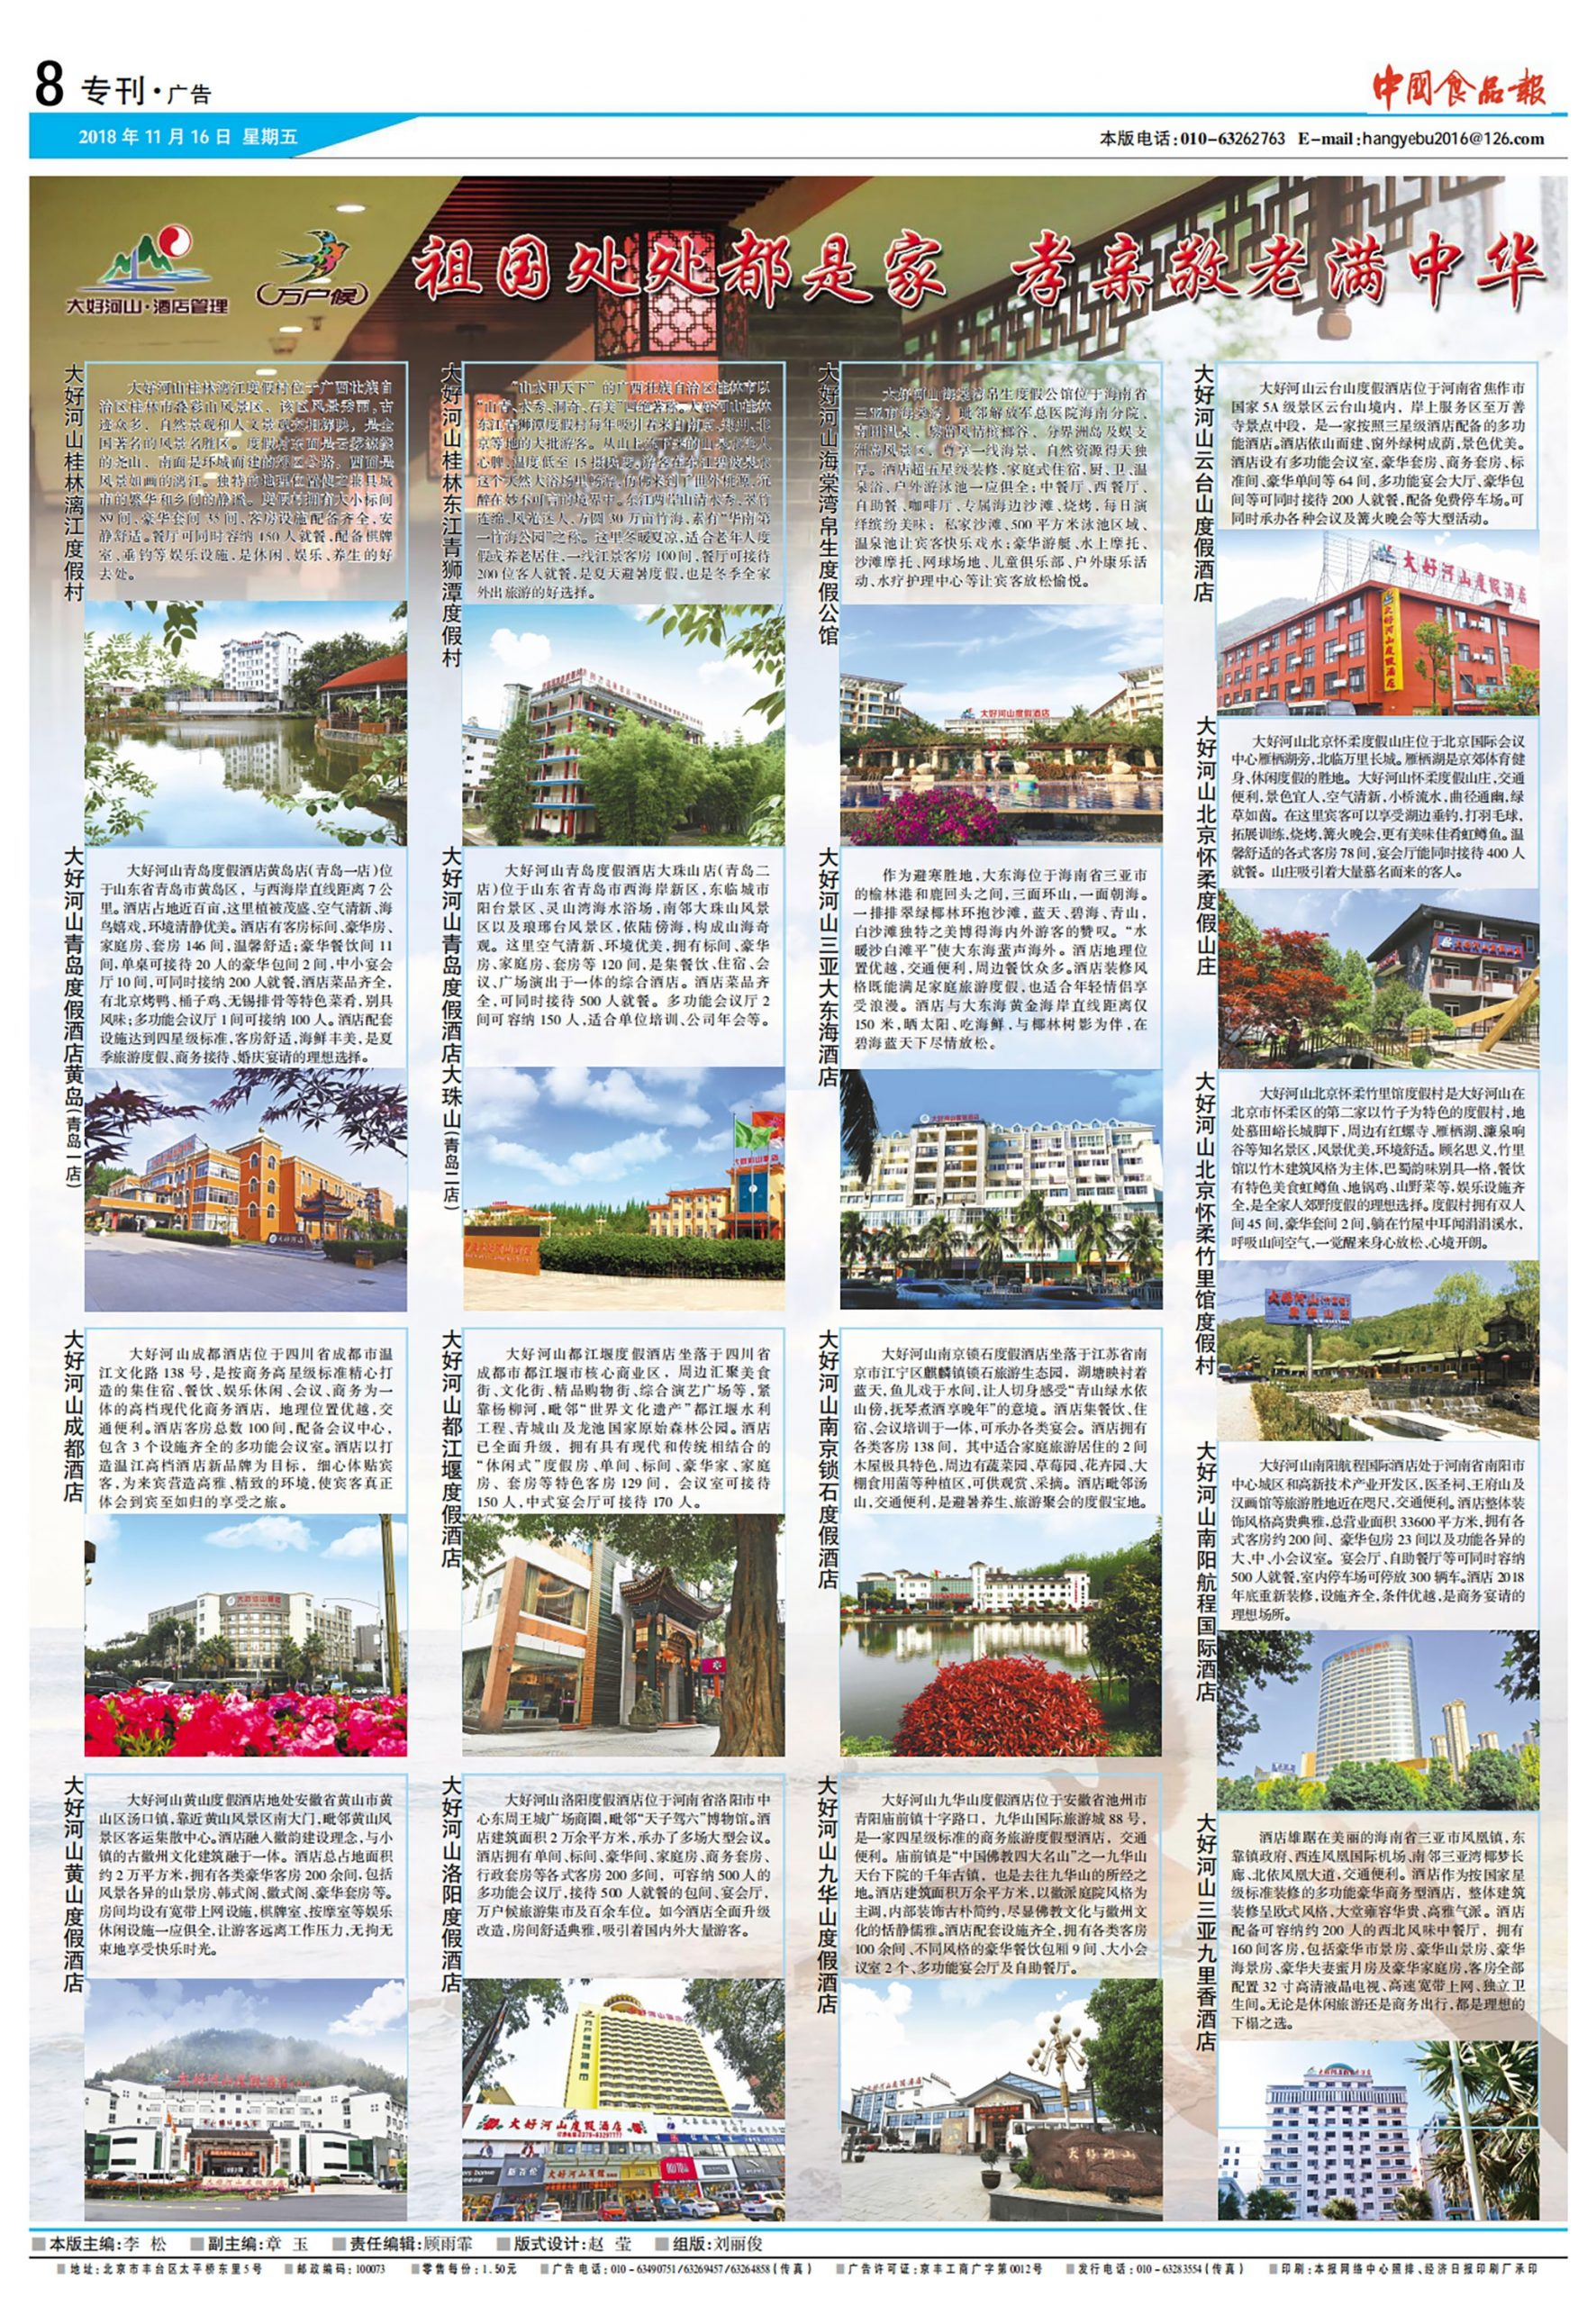 中国食品报 2018-11-16 专刊8